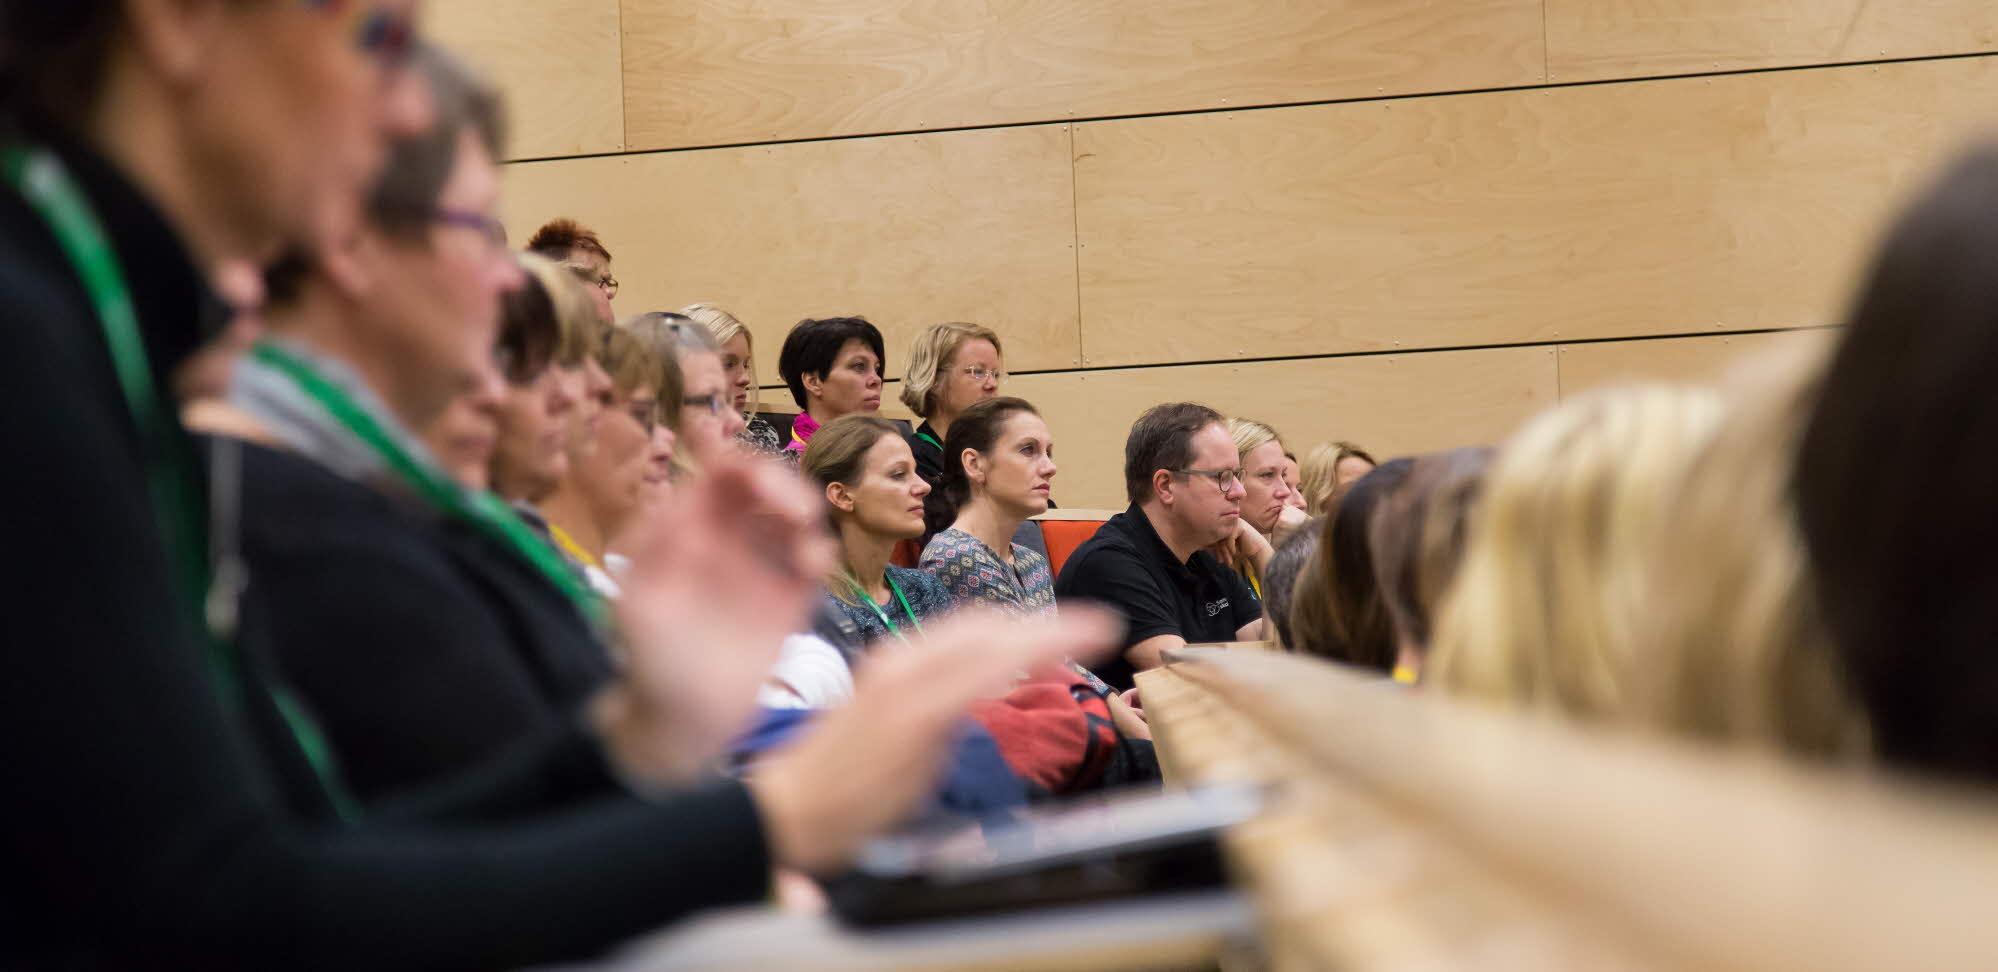 people at a seminar